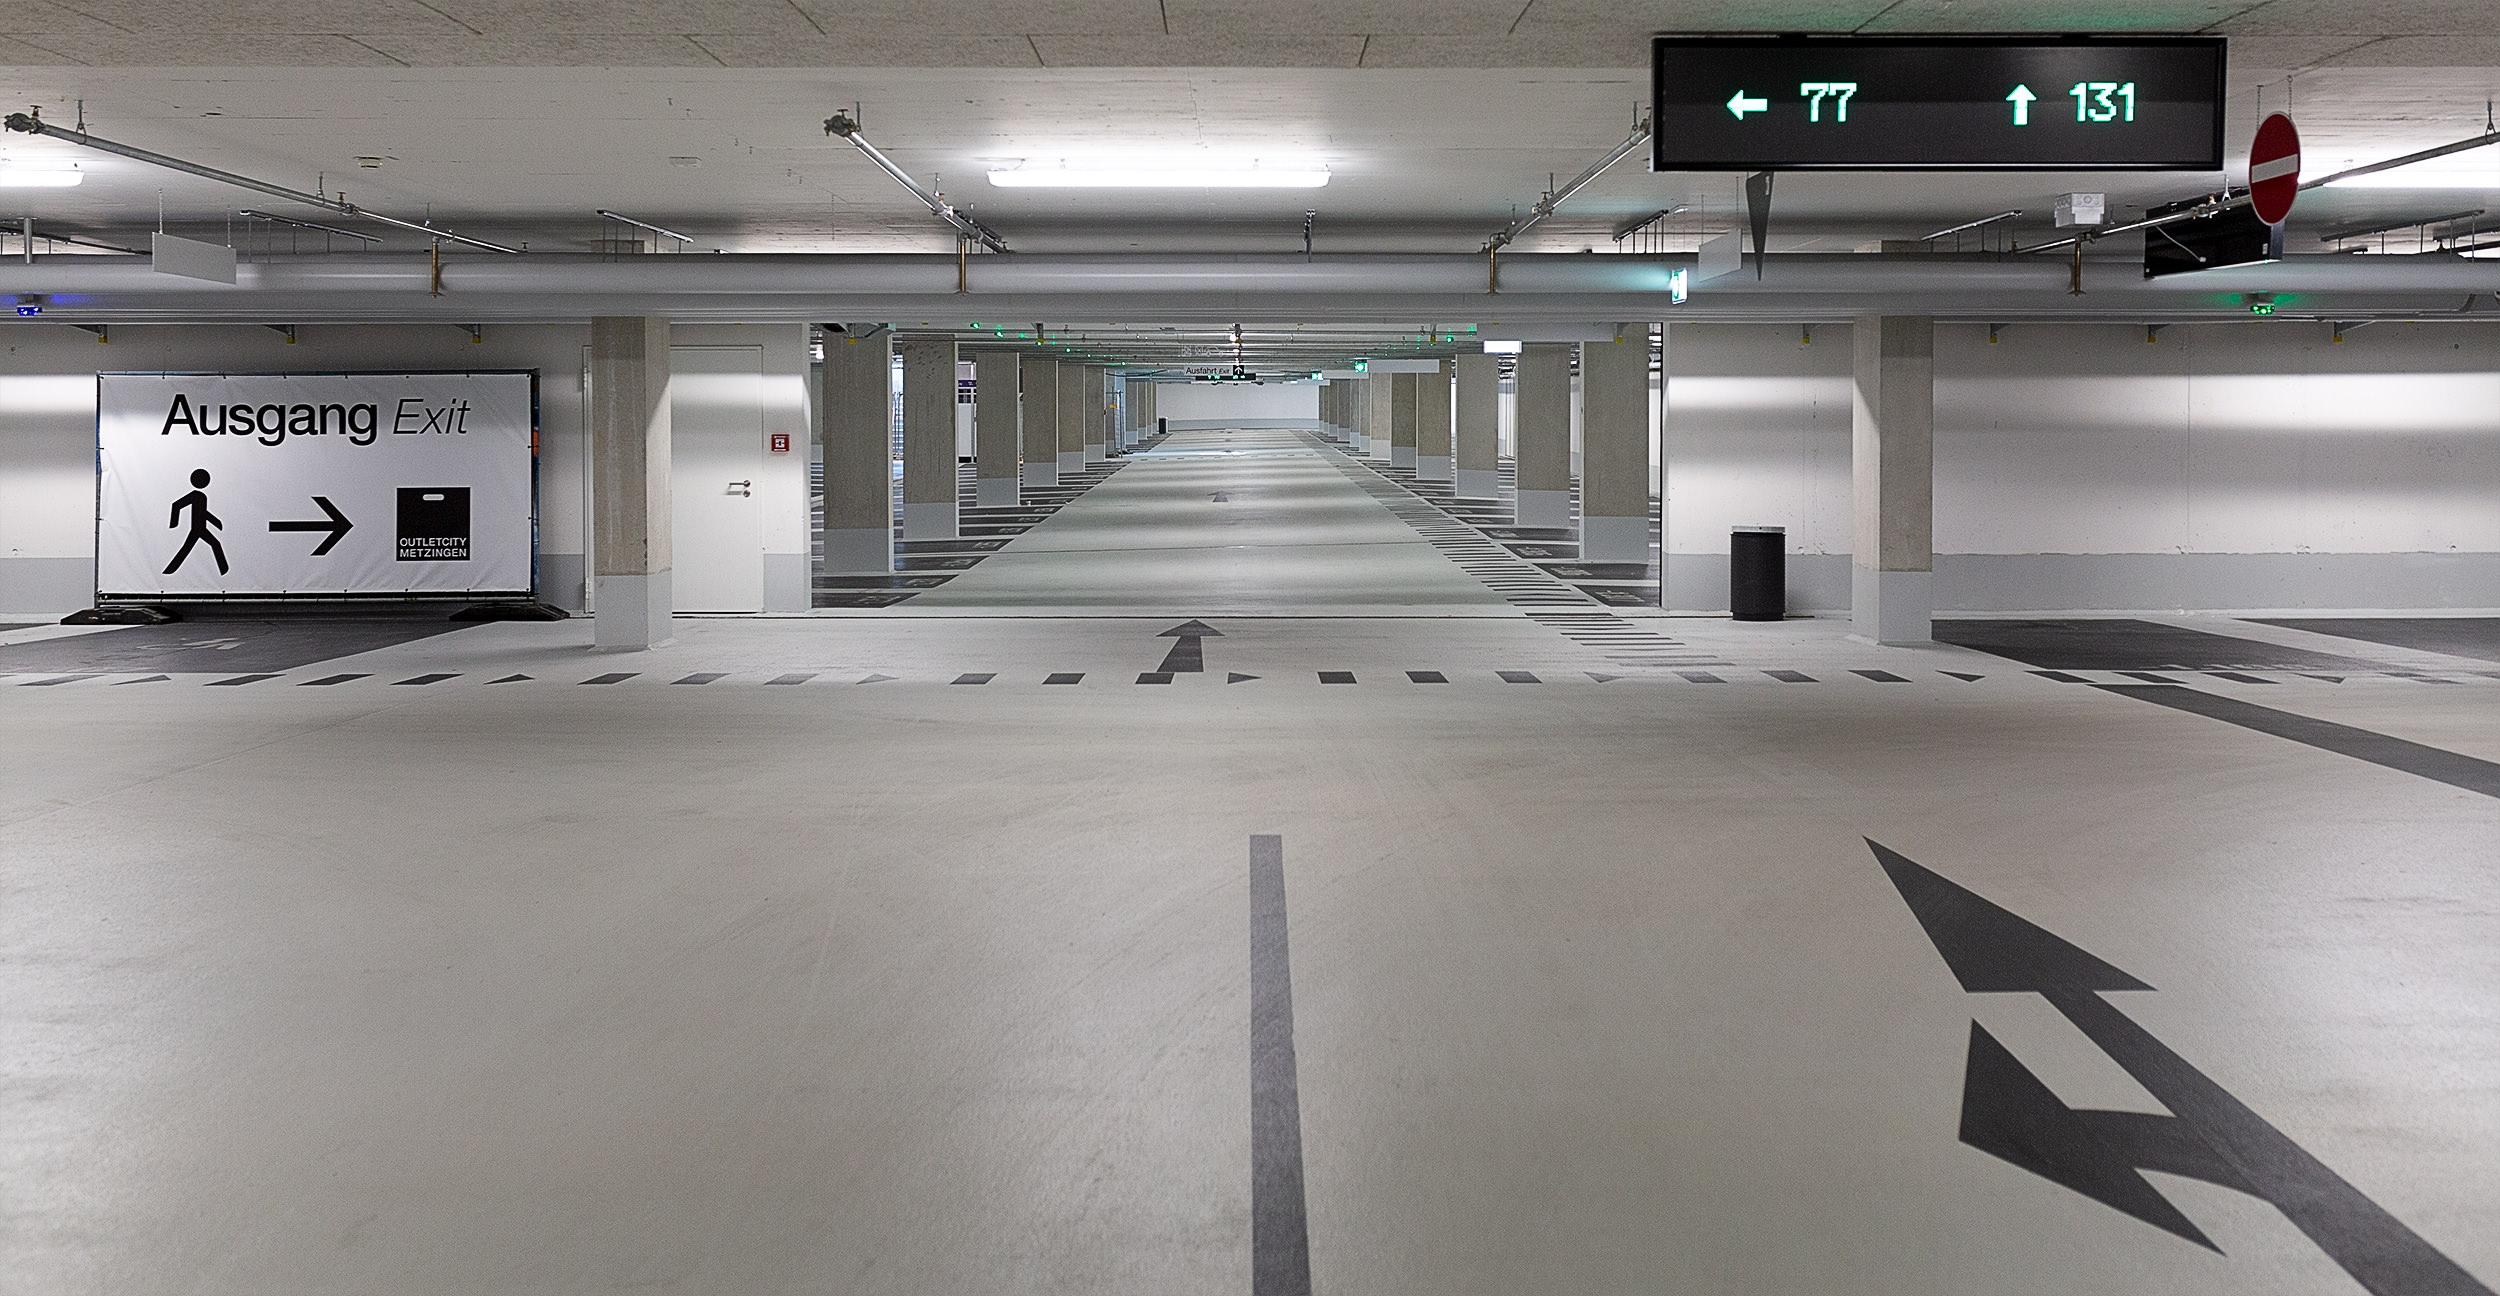 Komplett leere Tiefgarage in der Outletcity Metzingen.